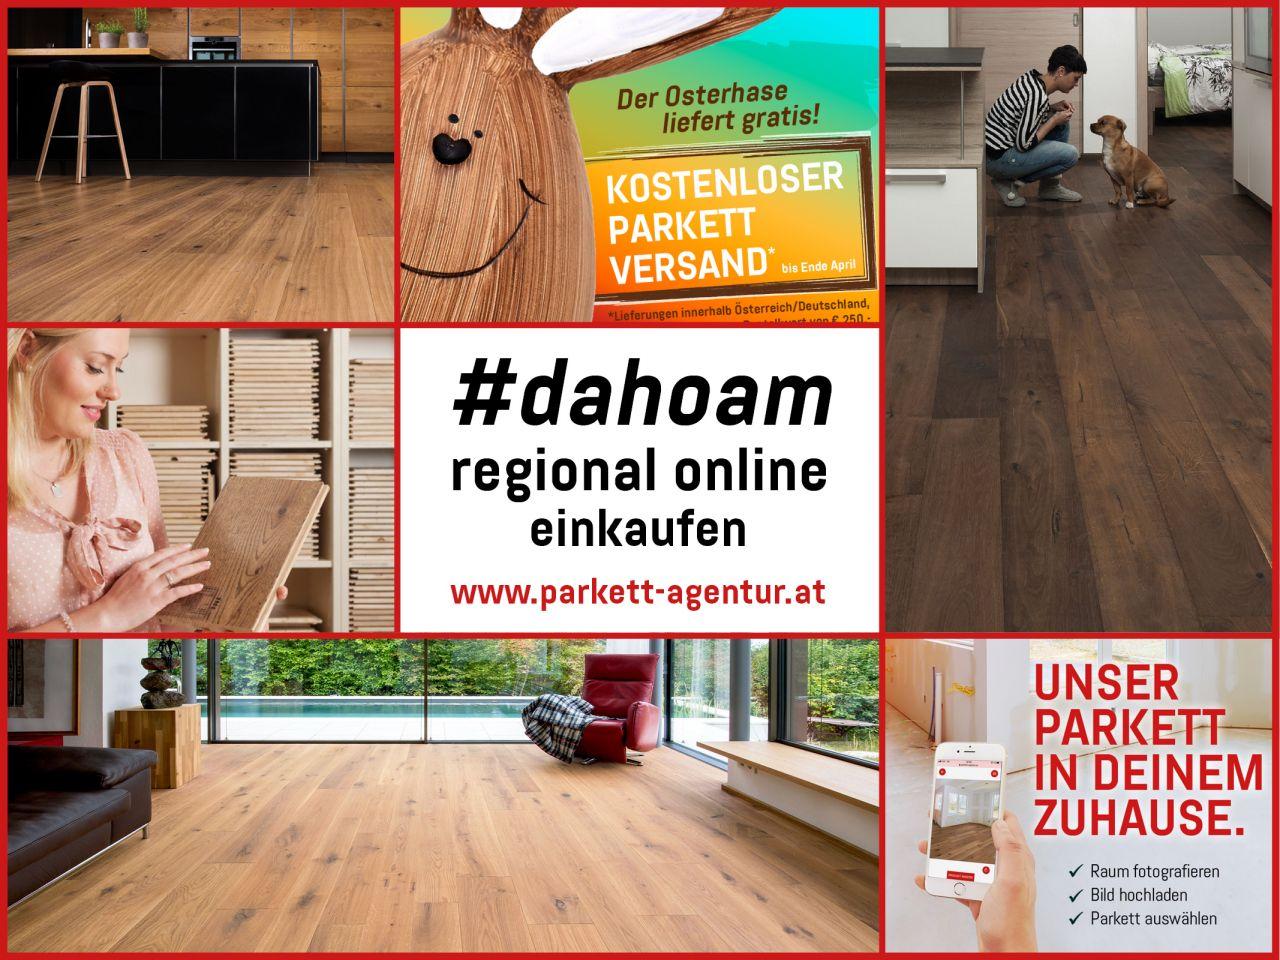 parkett-agentur-regional-online-einnkaufen